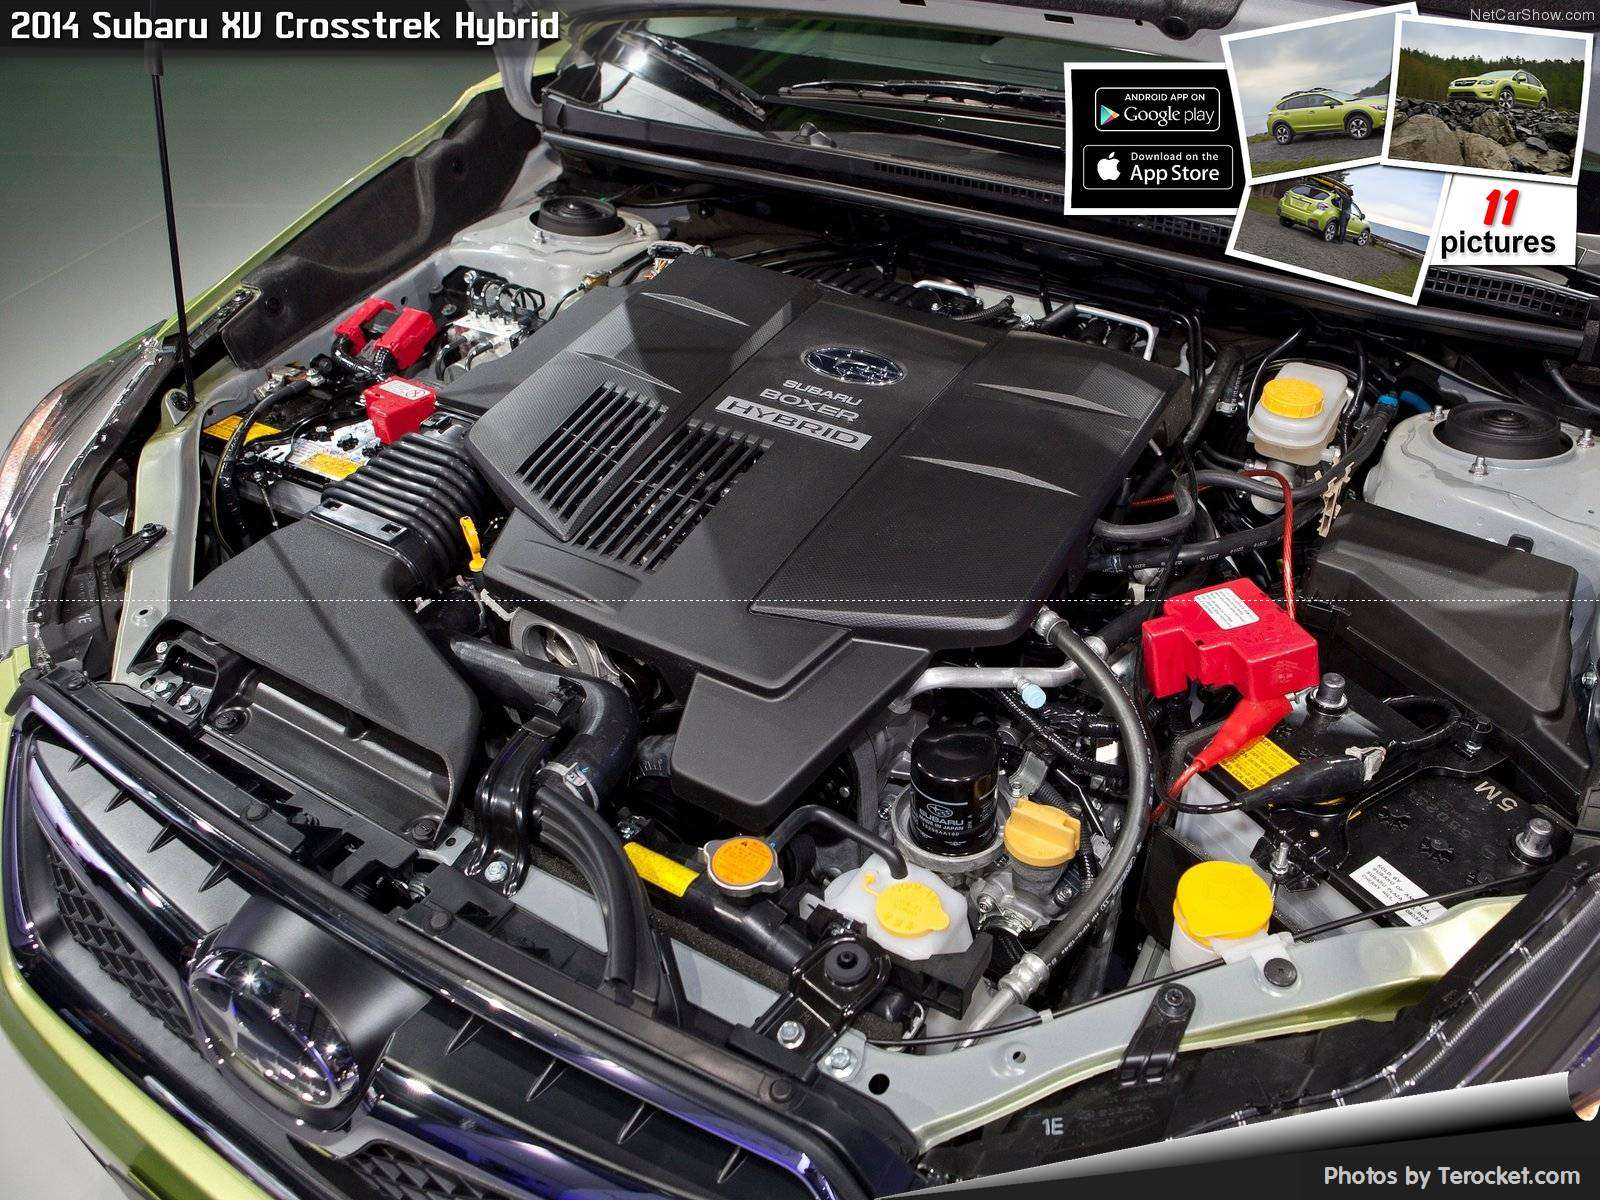 Hình ảnh xe ô tô Subaru XV Crosstrek Hybrid 2014 & nội ngoại thất